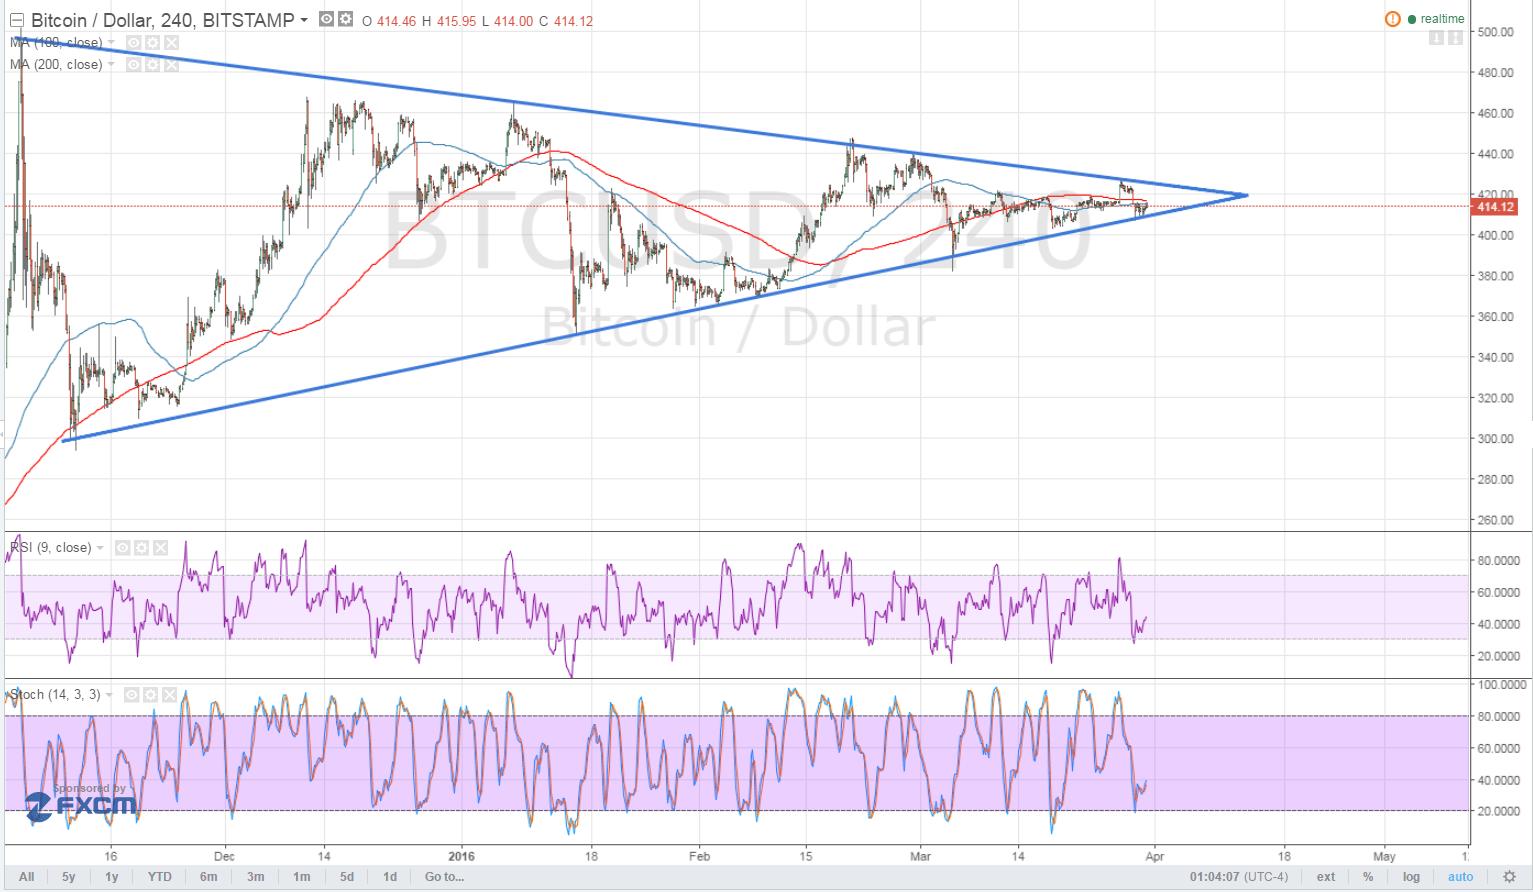 btcusd, bitcoin price